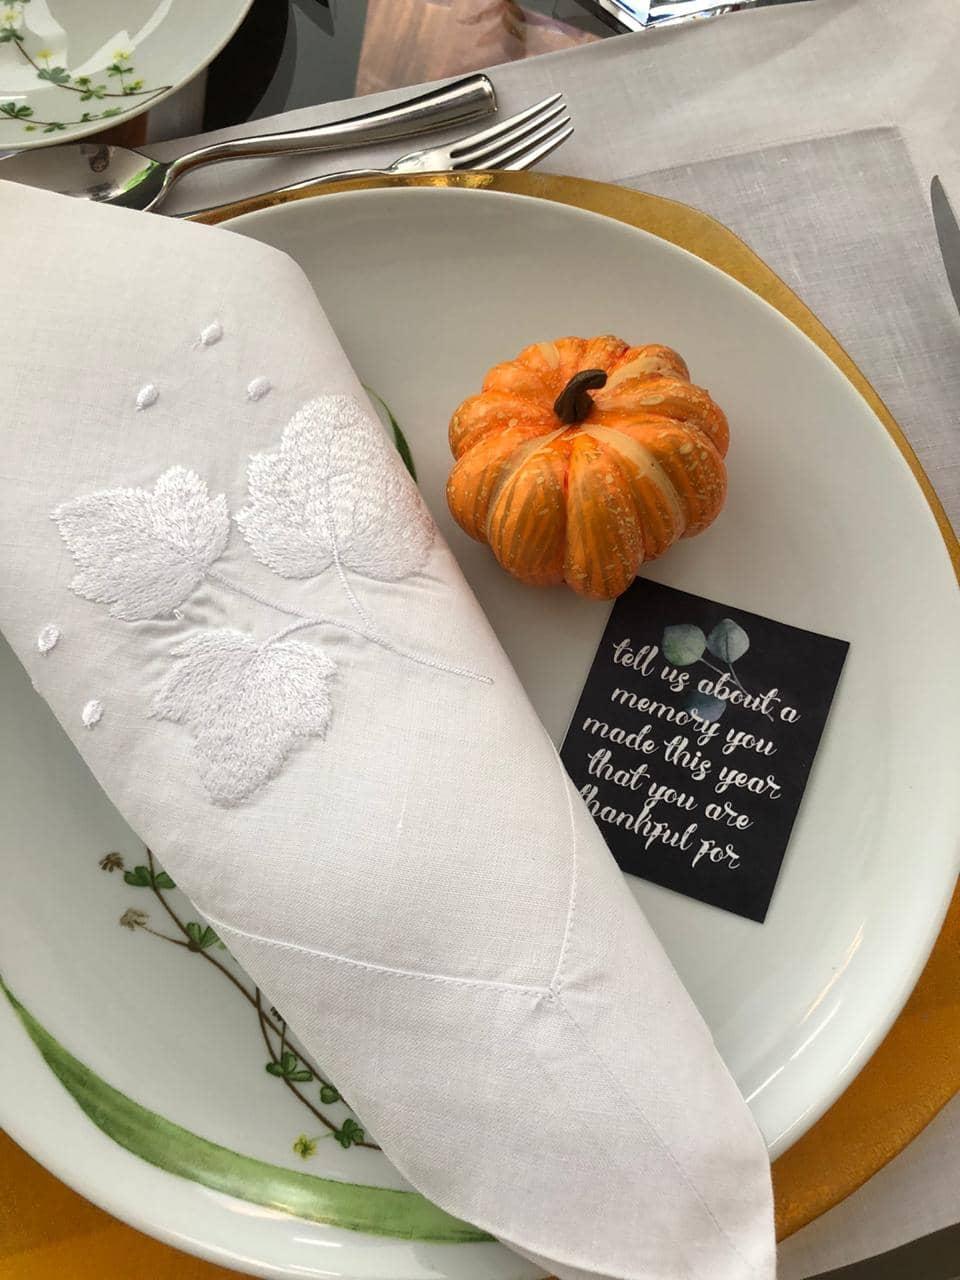 La decoración de mesa para Thanksgiving debe tener esos detalles que marcan la diferencia entre una mesa especial y una mesa normal. Una pequeña tarjeta sobre el plato o al frente de cada comensal con un bello mensaje hará el momento inolvidable!